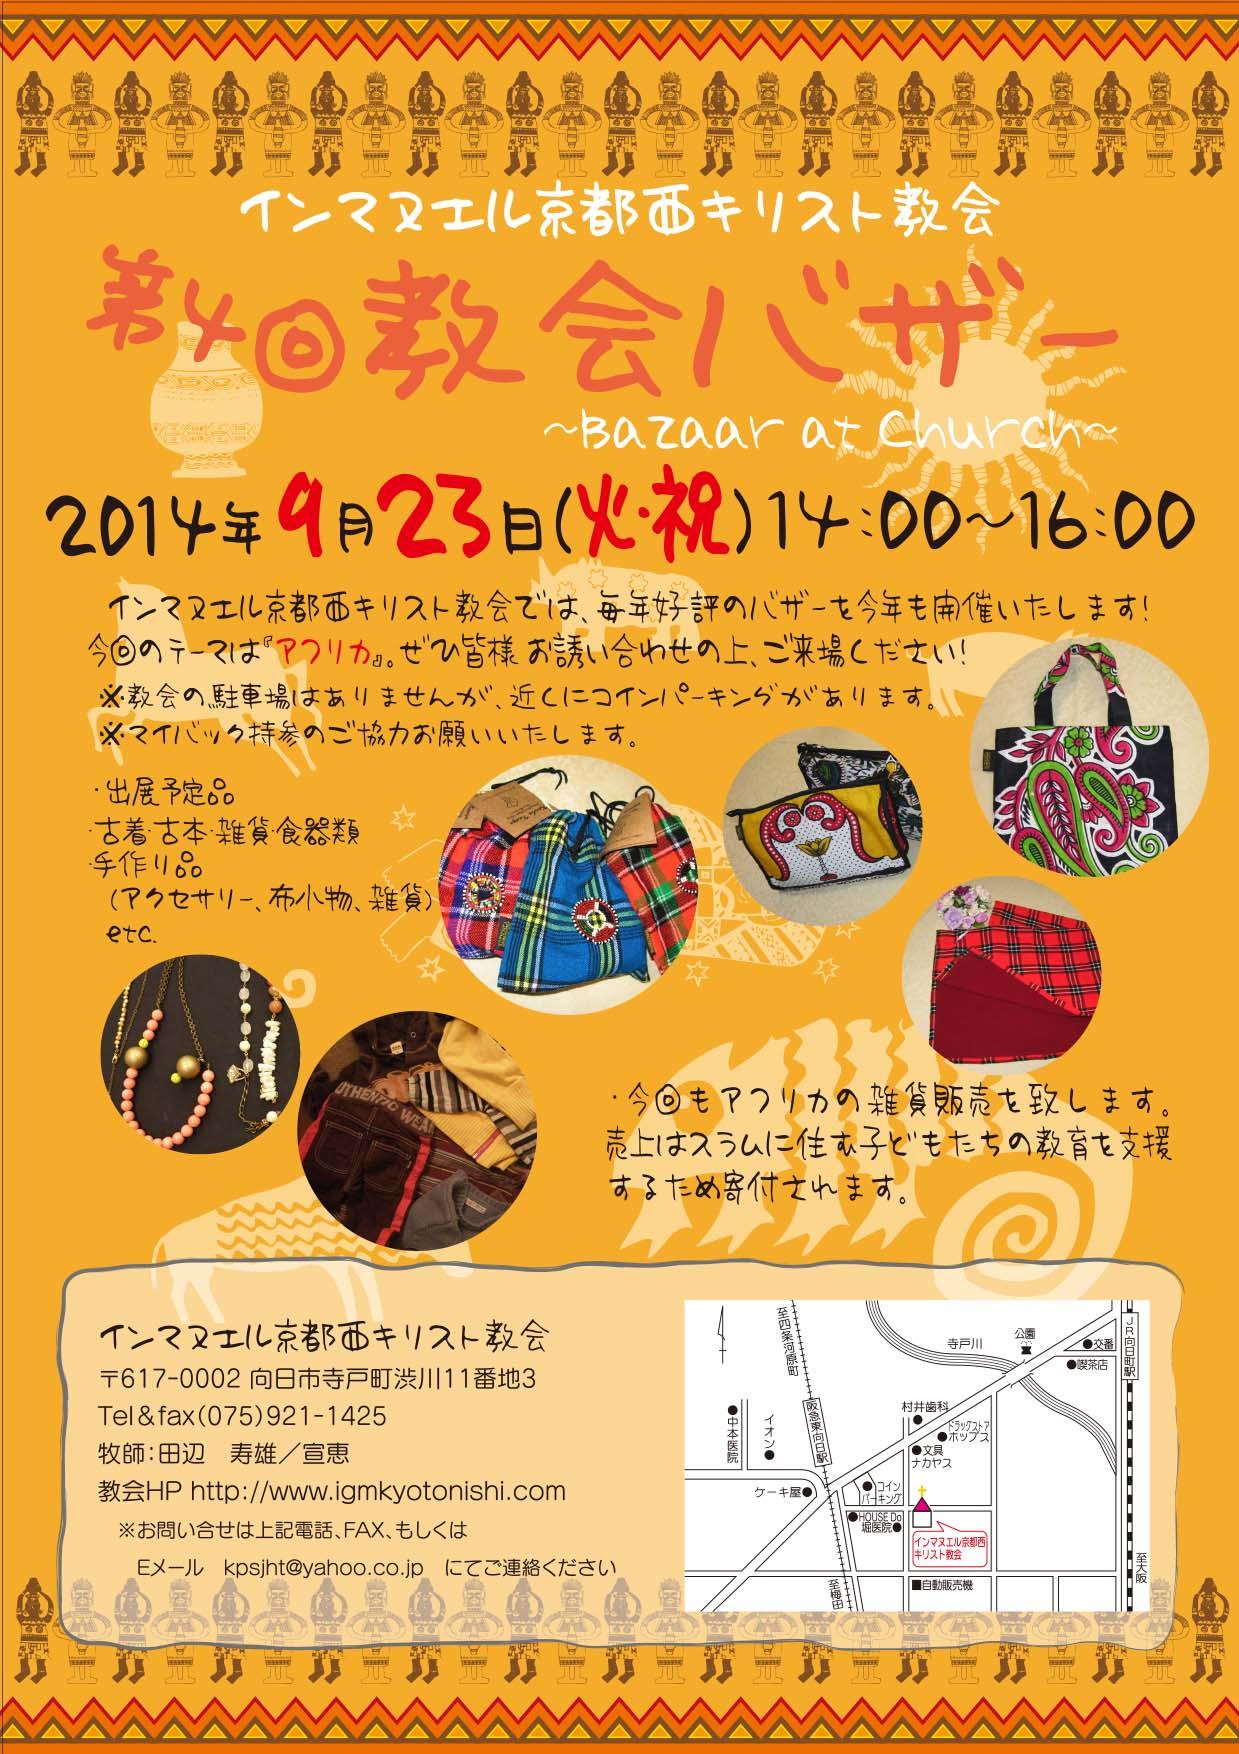 2014年9月23日(火)午後14:00〜 教会バザー